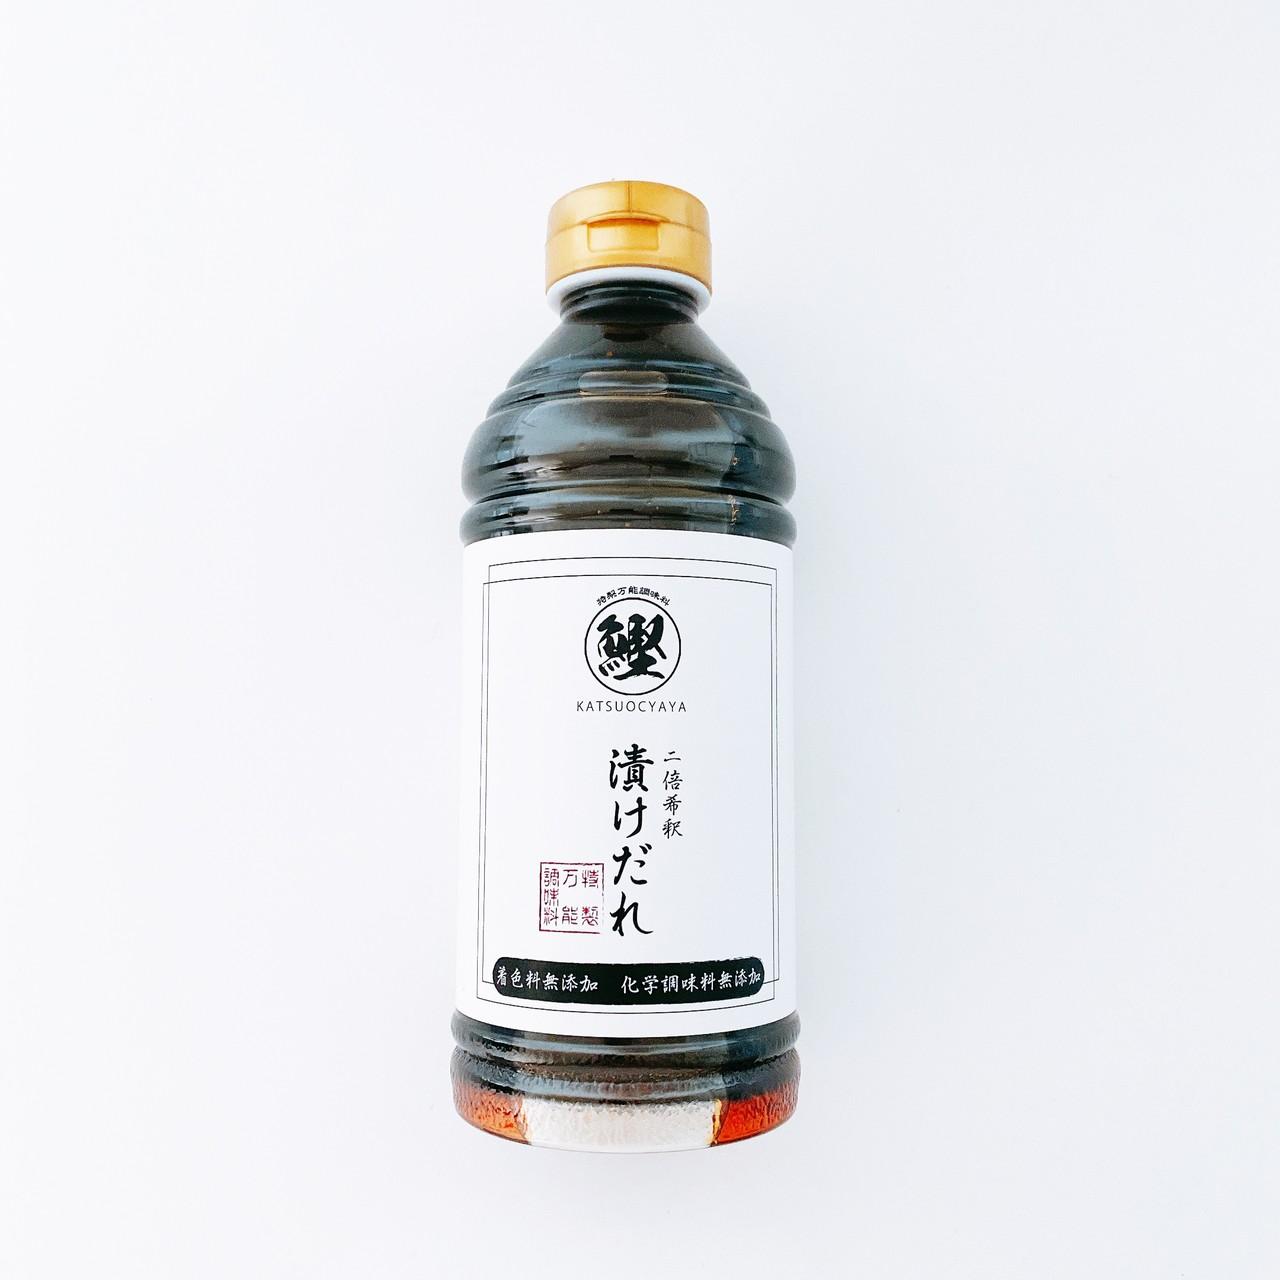 【和風万能だれ】かつお茶屋オリジナル:漬けだれ4本セット